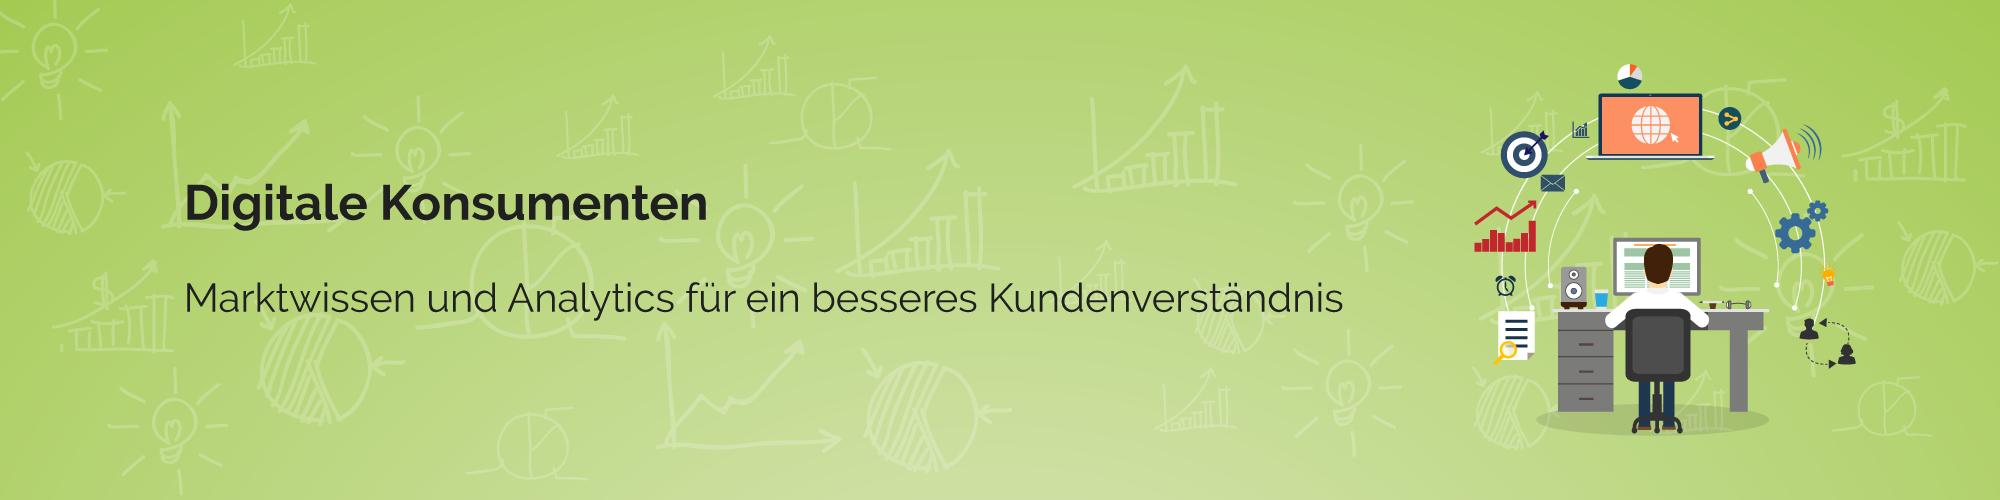 innoplexia-banner-Marktwissen-und-Analytics-für-ein-besseres-Kundenverständnis-2000x500.png